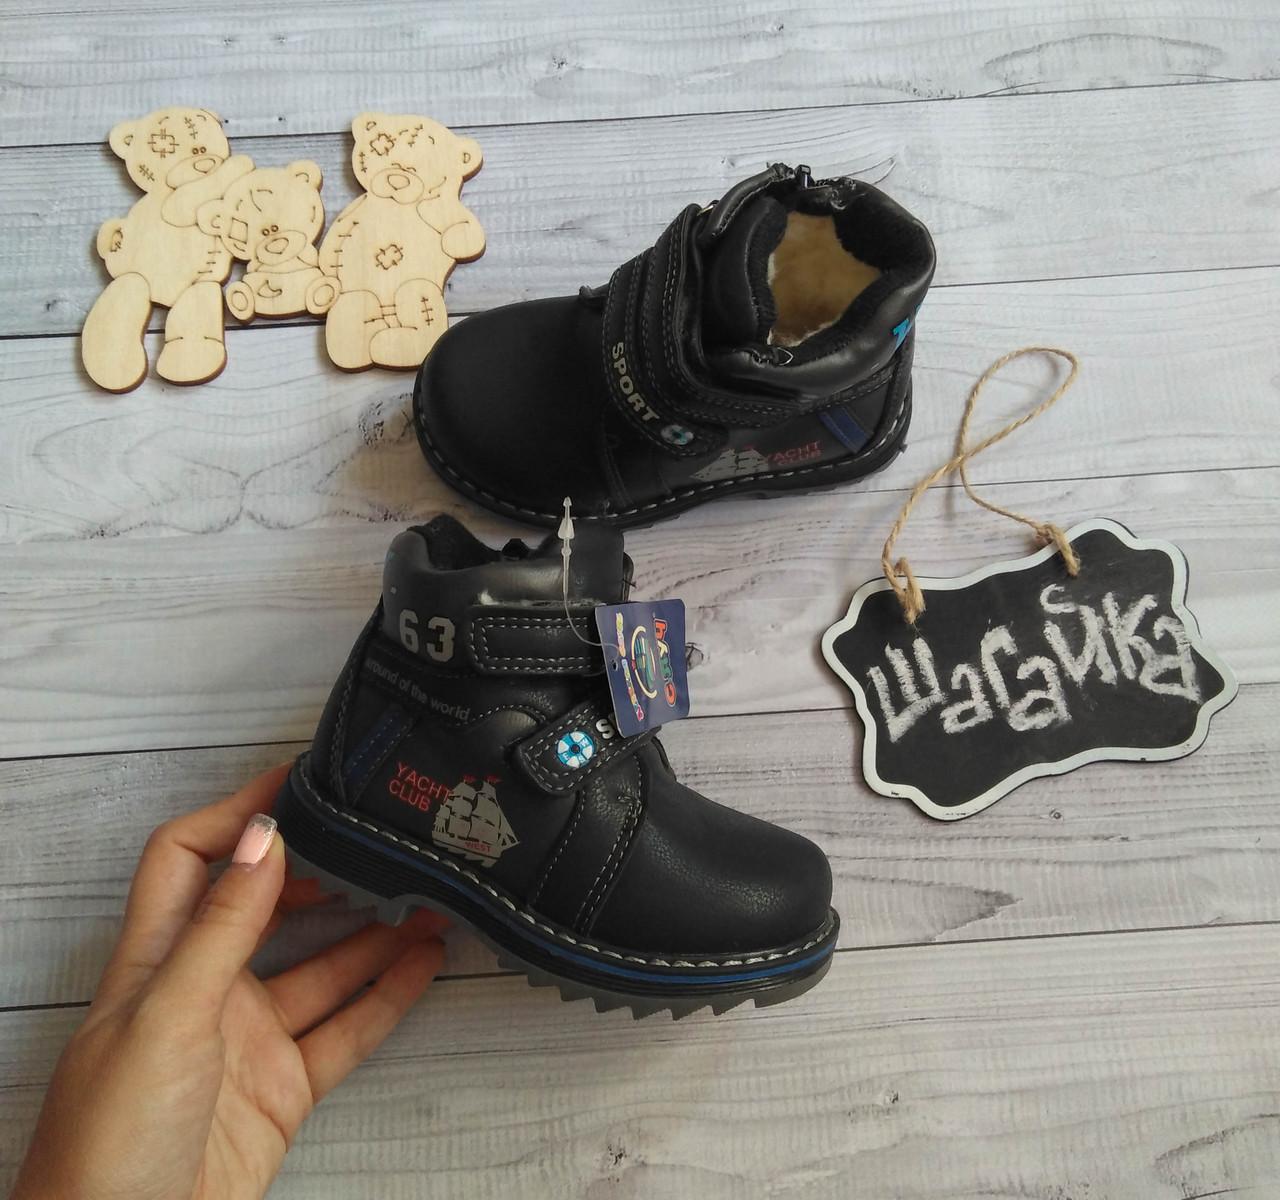 5aa06a80 Ботинки зимние детские на мальчика 22 размер (13,5см) С.Луч: продажа ...